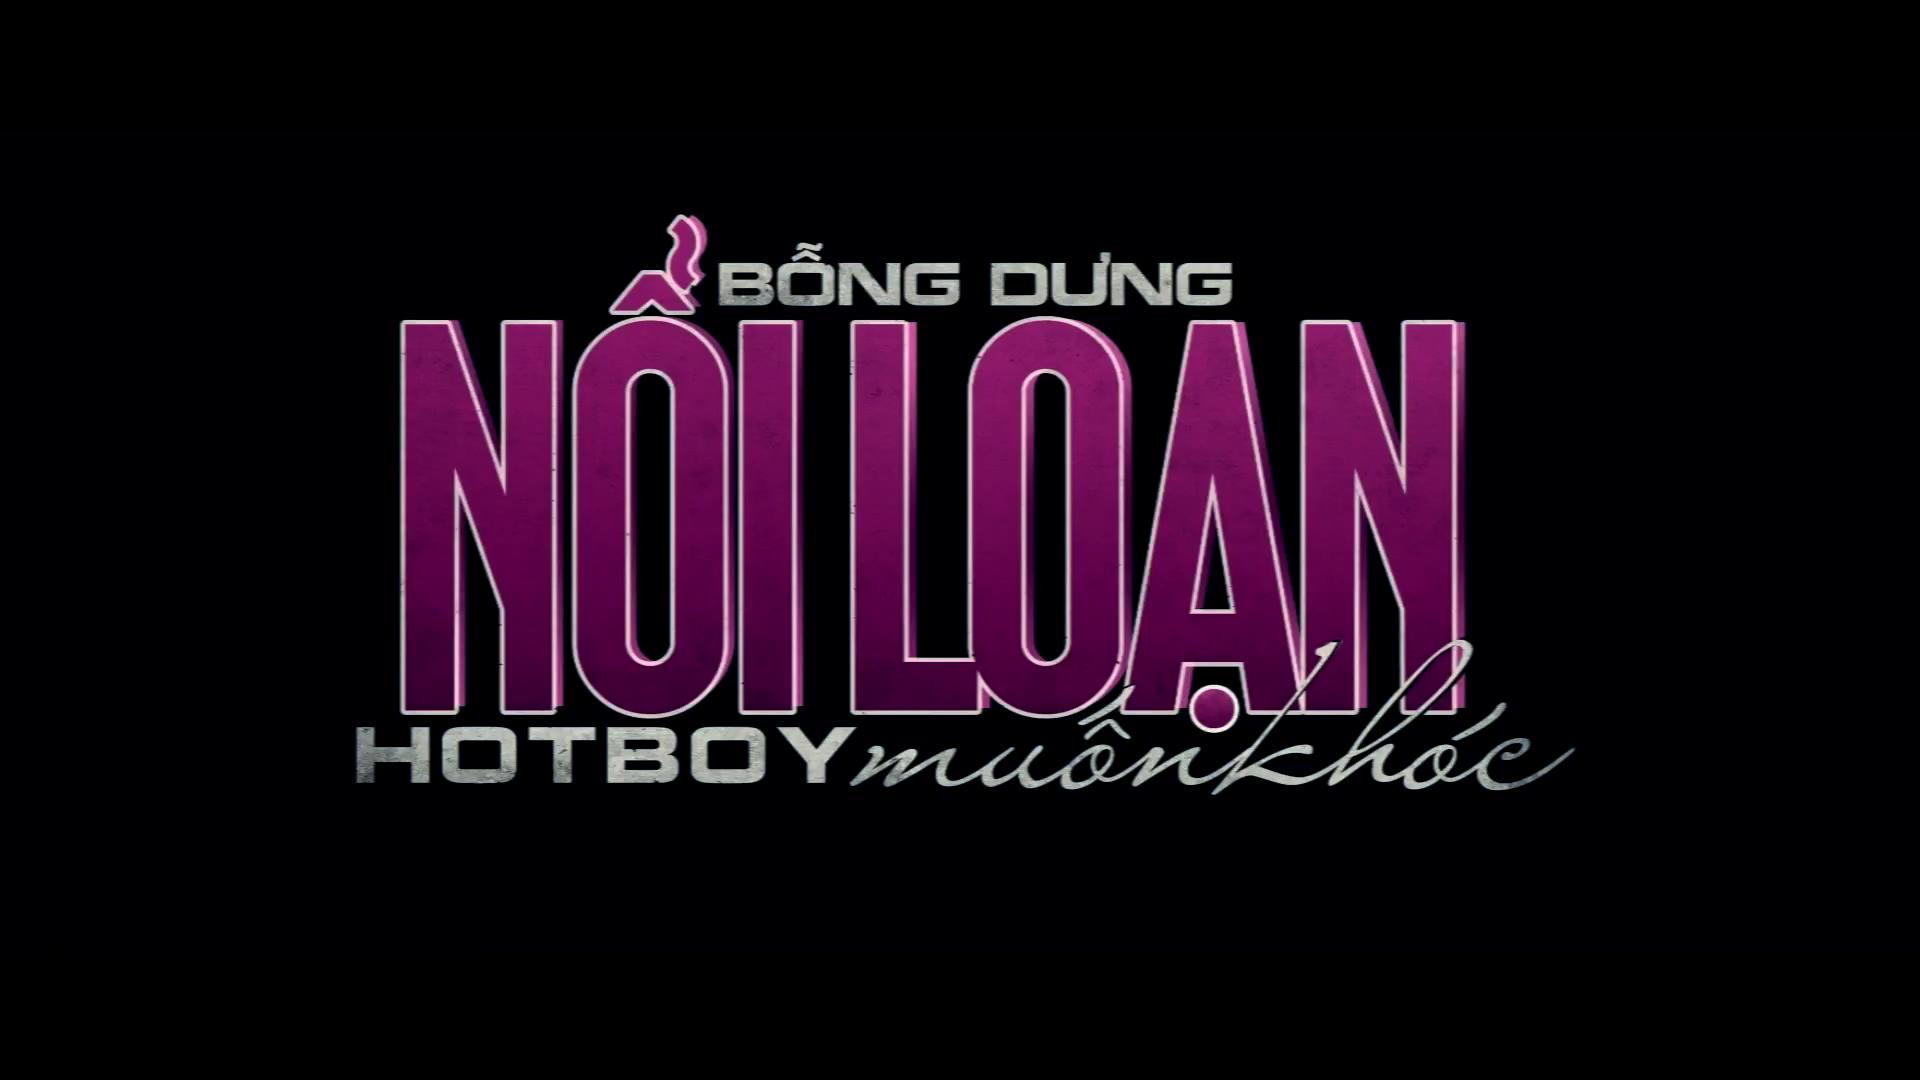 Bỗng Dưng Nổi Loạn, Hot Boy Muốn Khóc - Bong Dung Noi Loan